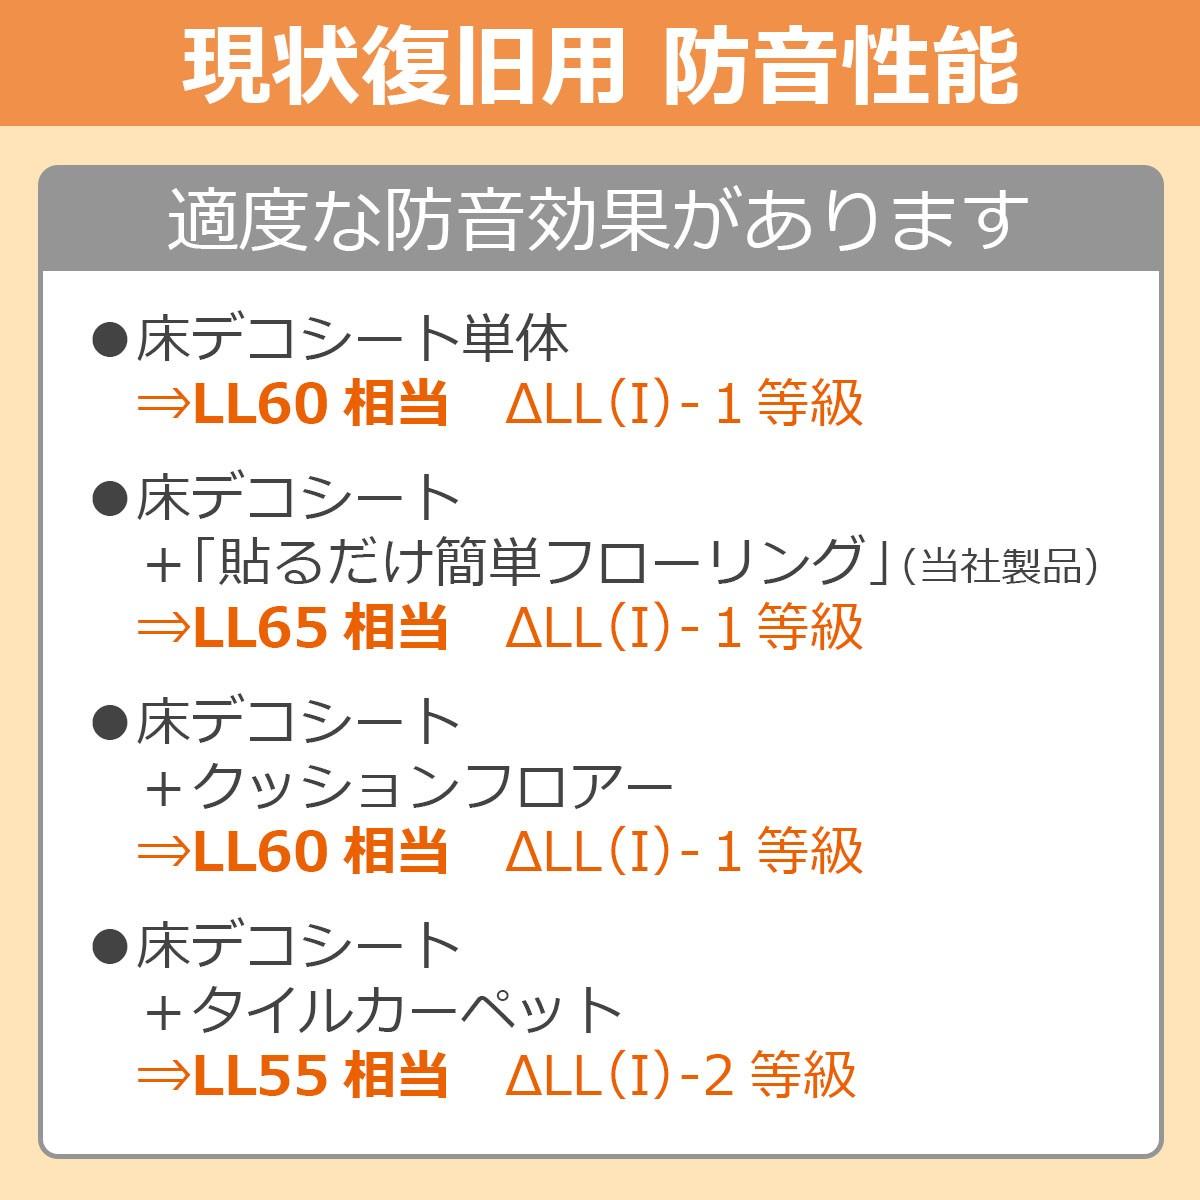 現状復旧用 防音性能 適度な防音効果があります ◎床デコシート単体…LL60相当 デルタLL(I)1等級 ◎床デコシート+「貼るだけ簡単フローリング」(当社製品)…LL65相当 デルタLL(I)1等級 ◎床デコシート+クッションフロアー…LL60相当 デルタLL(I)1等級 ◎床デコシート+タイルカーペット…LL55相当 デルタLL(I)2等級